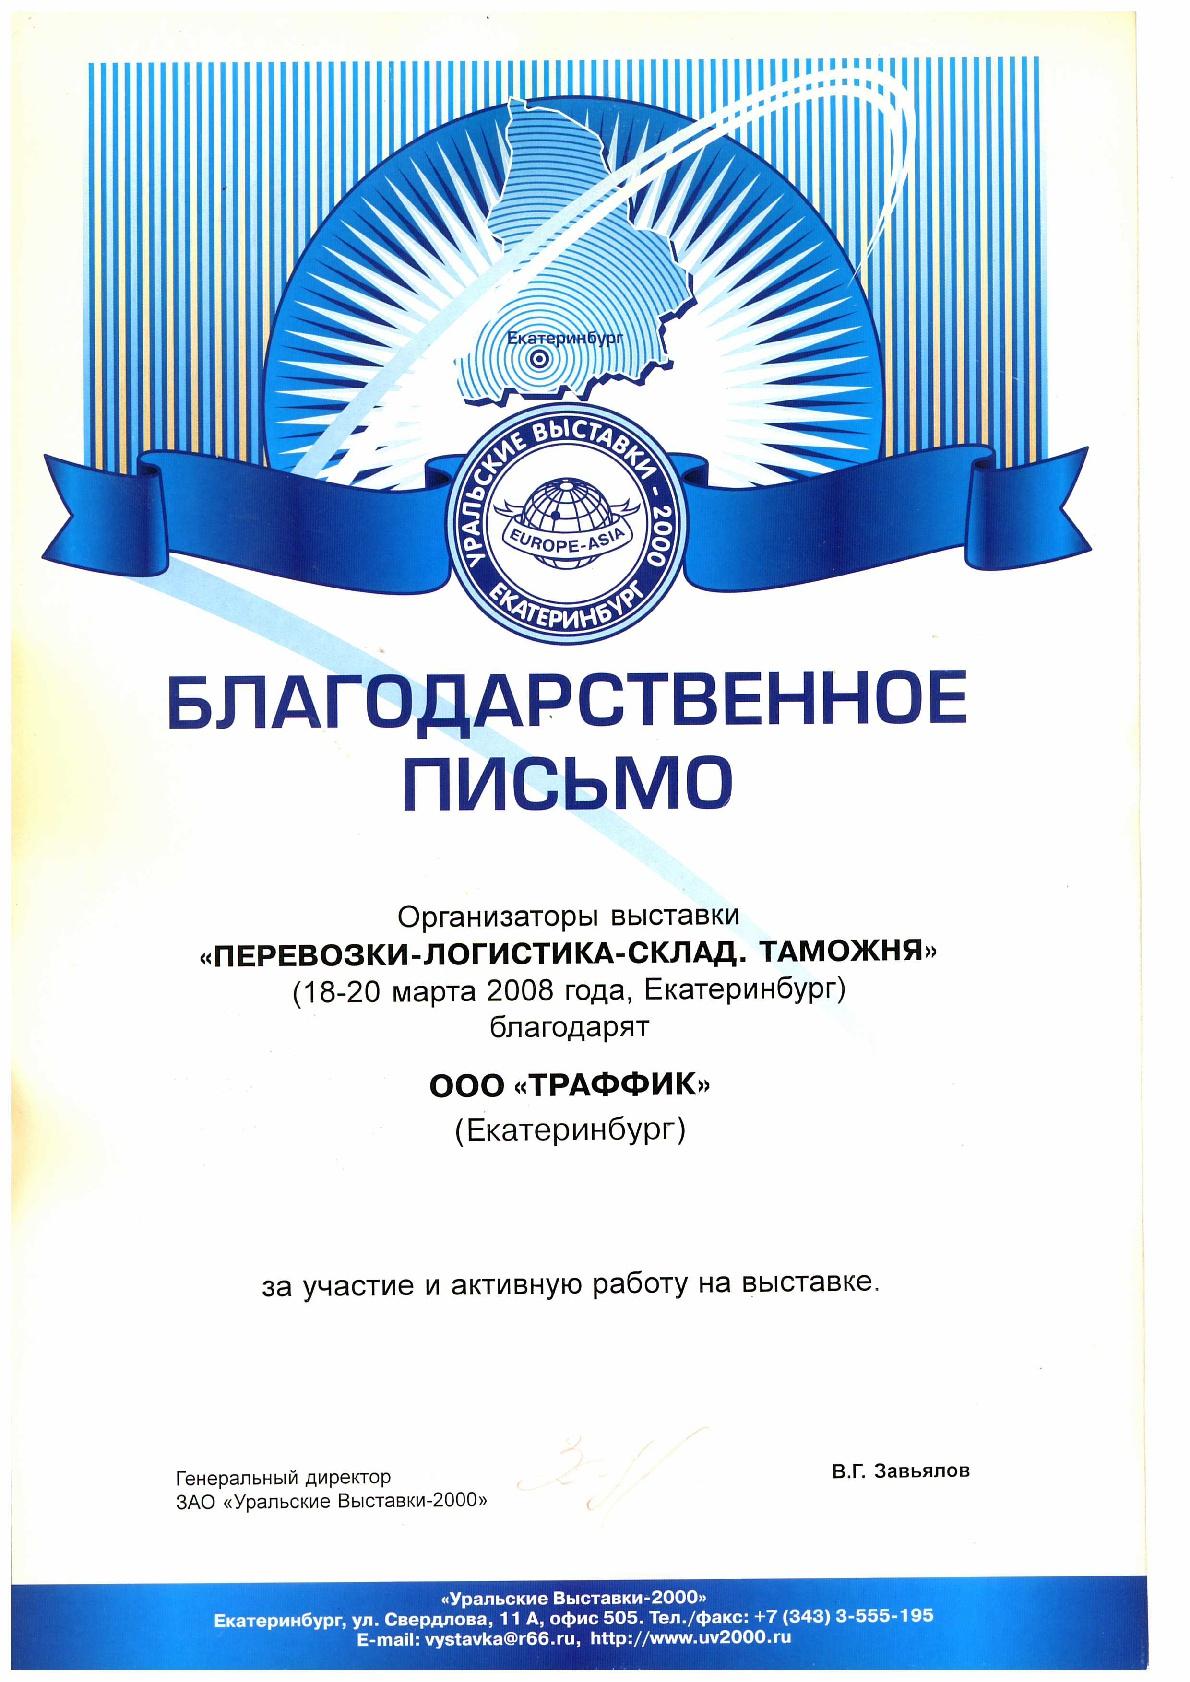 Благодарственное письмо Траффик 2008 (6)-001